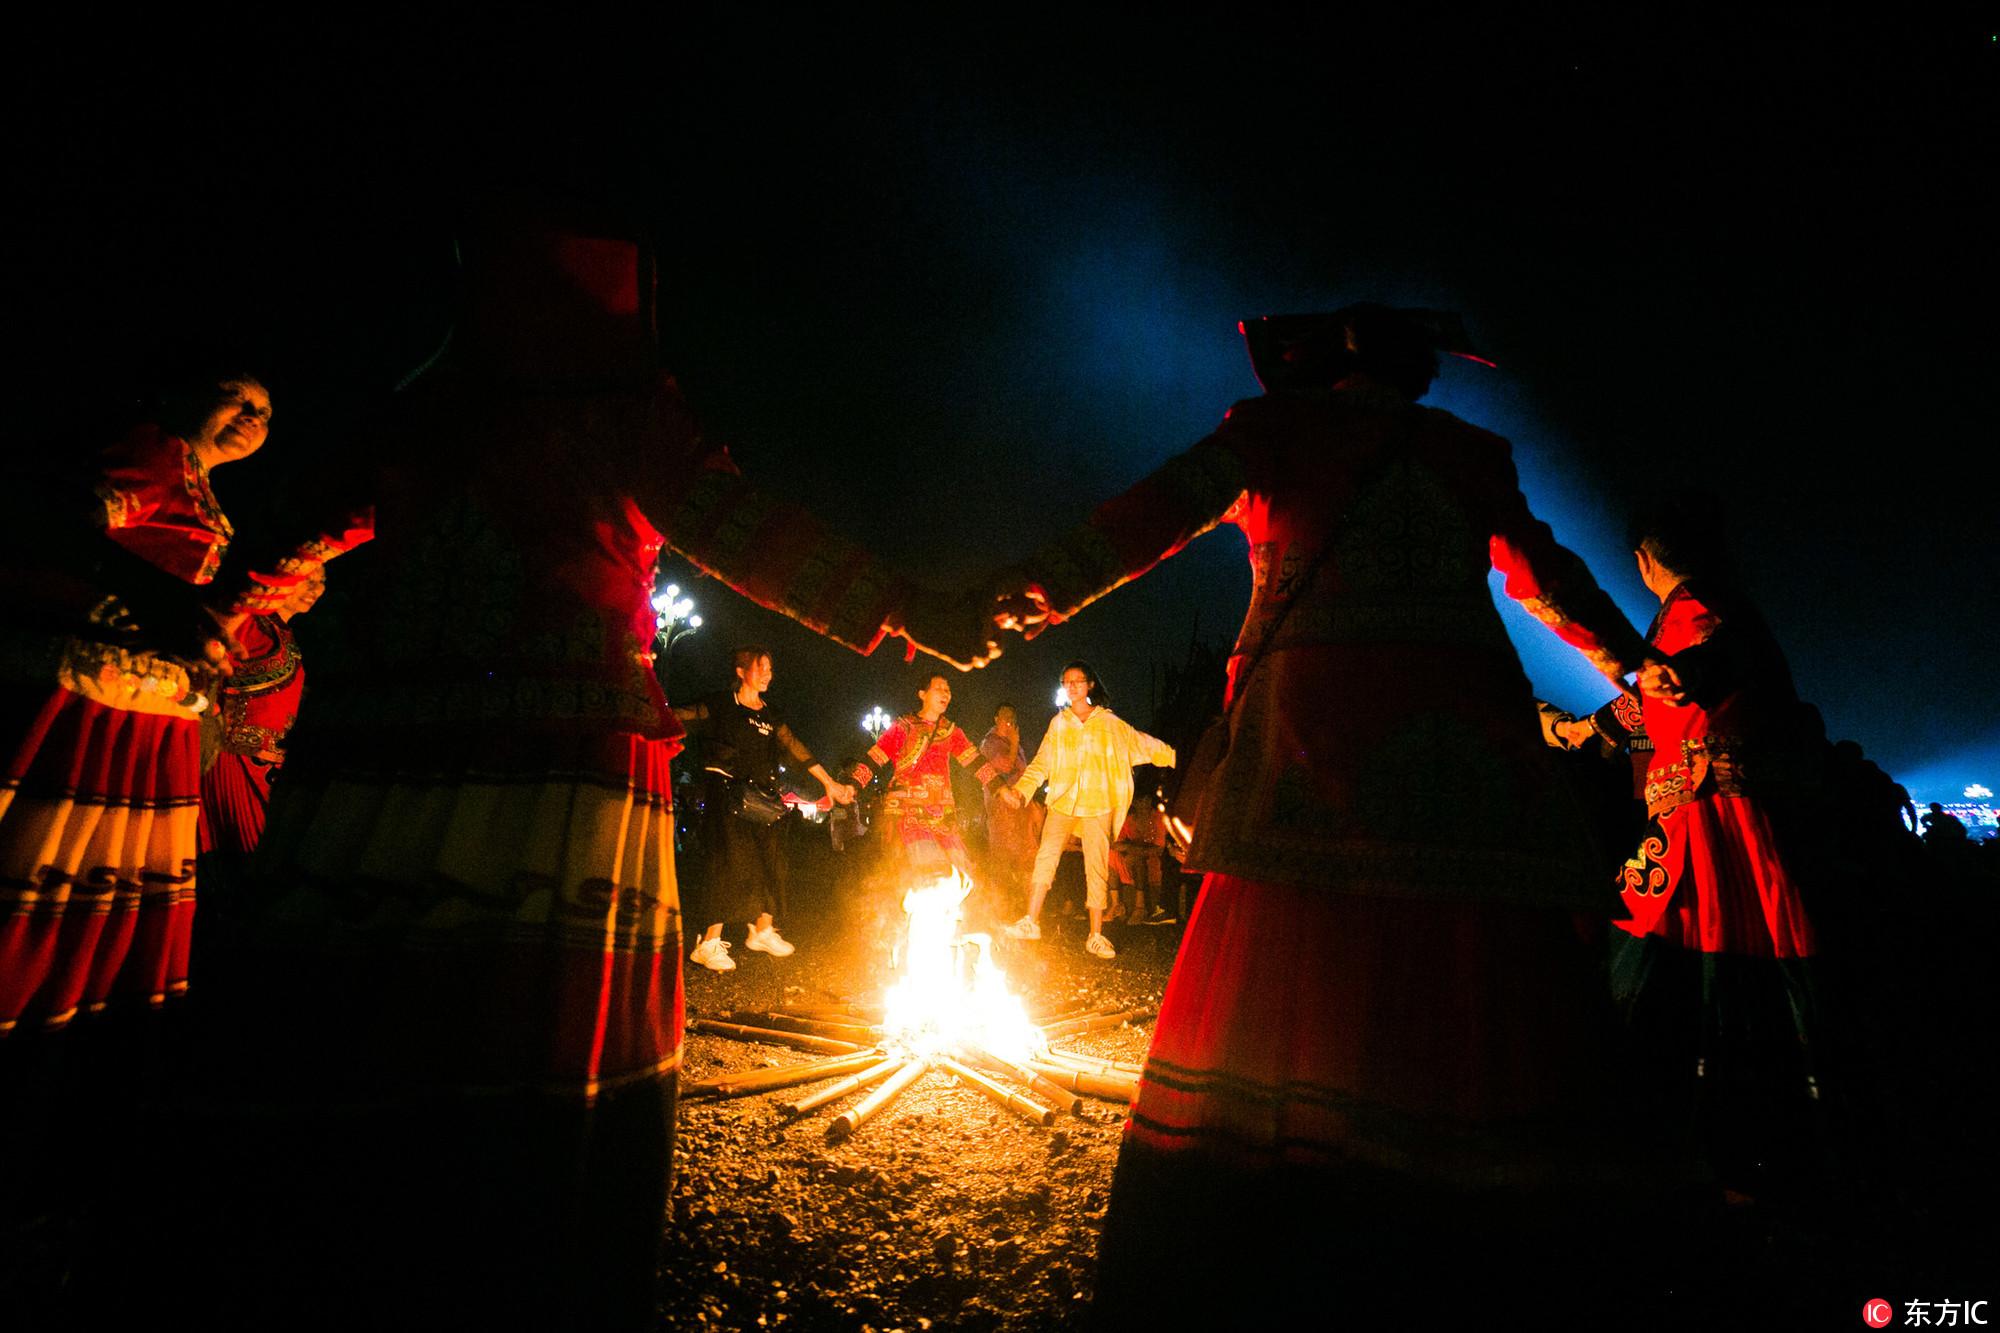 2018年8月5日,贵州省毕节市百里杜鹃风景区彝族同胞和其他民族同胞